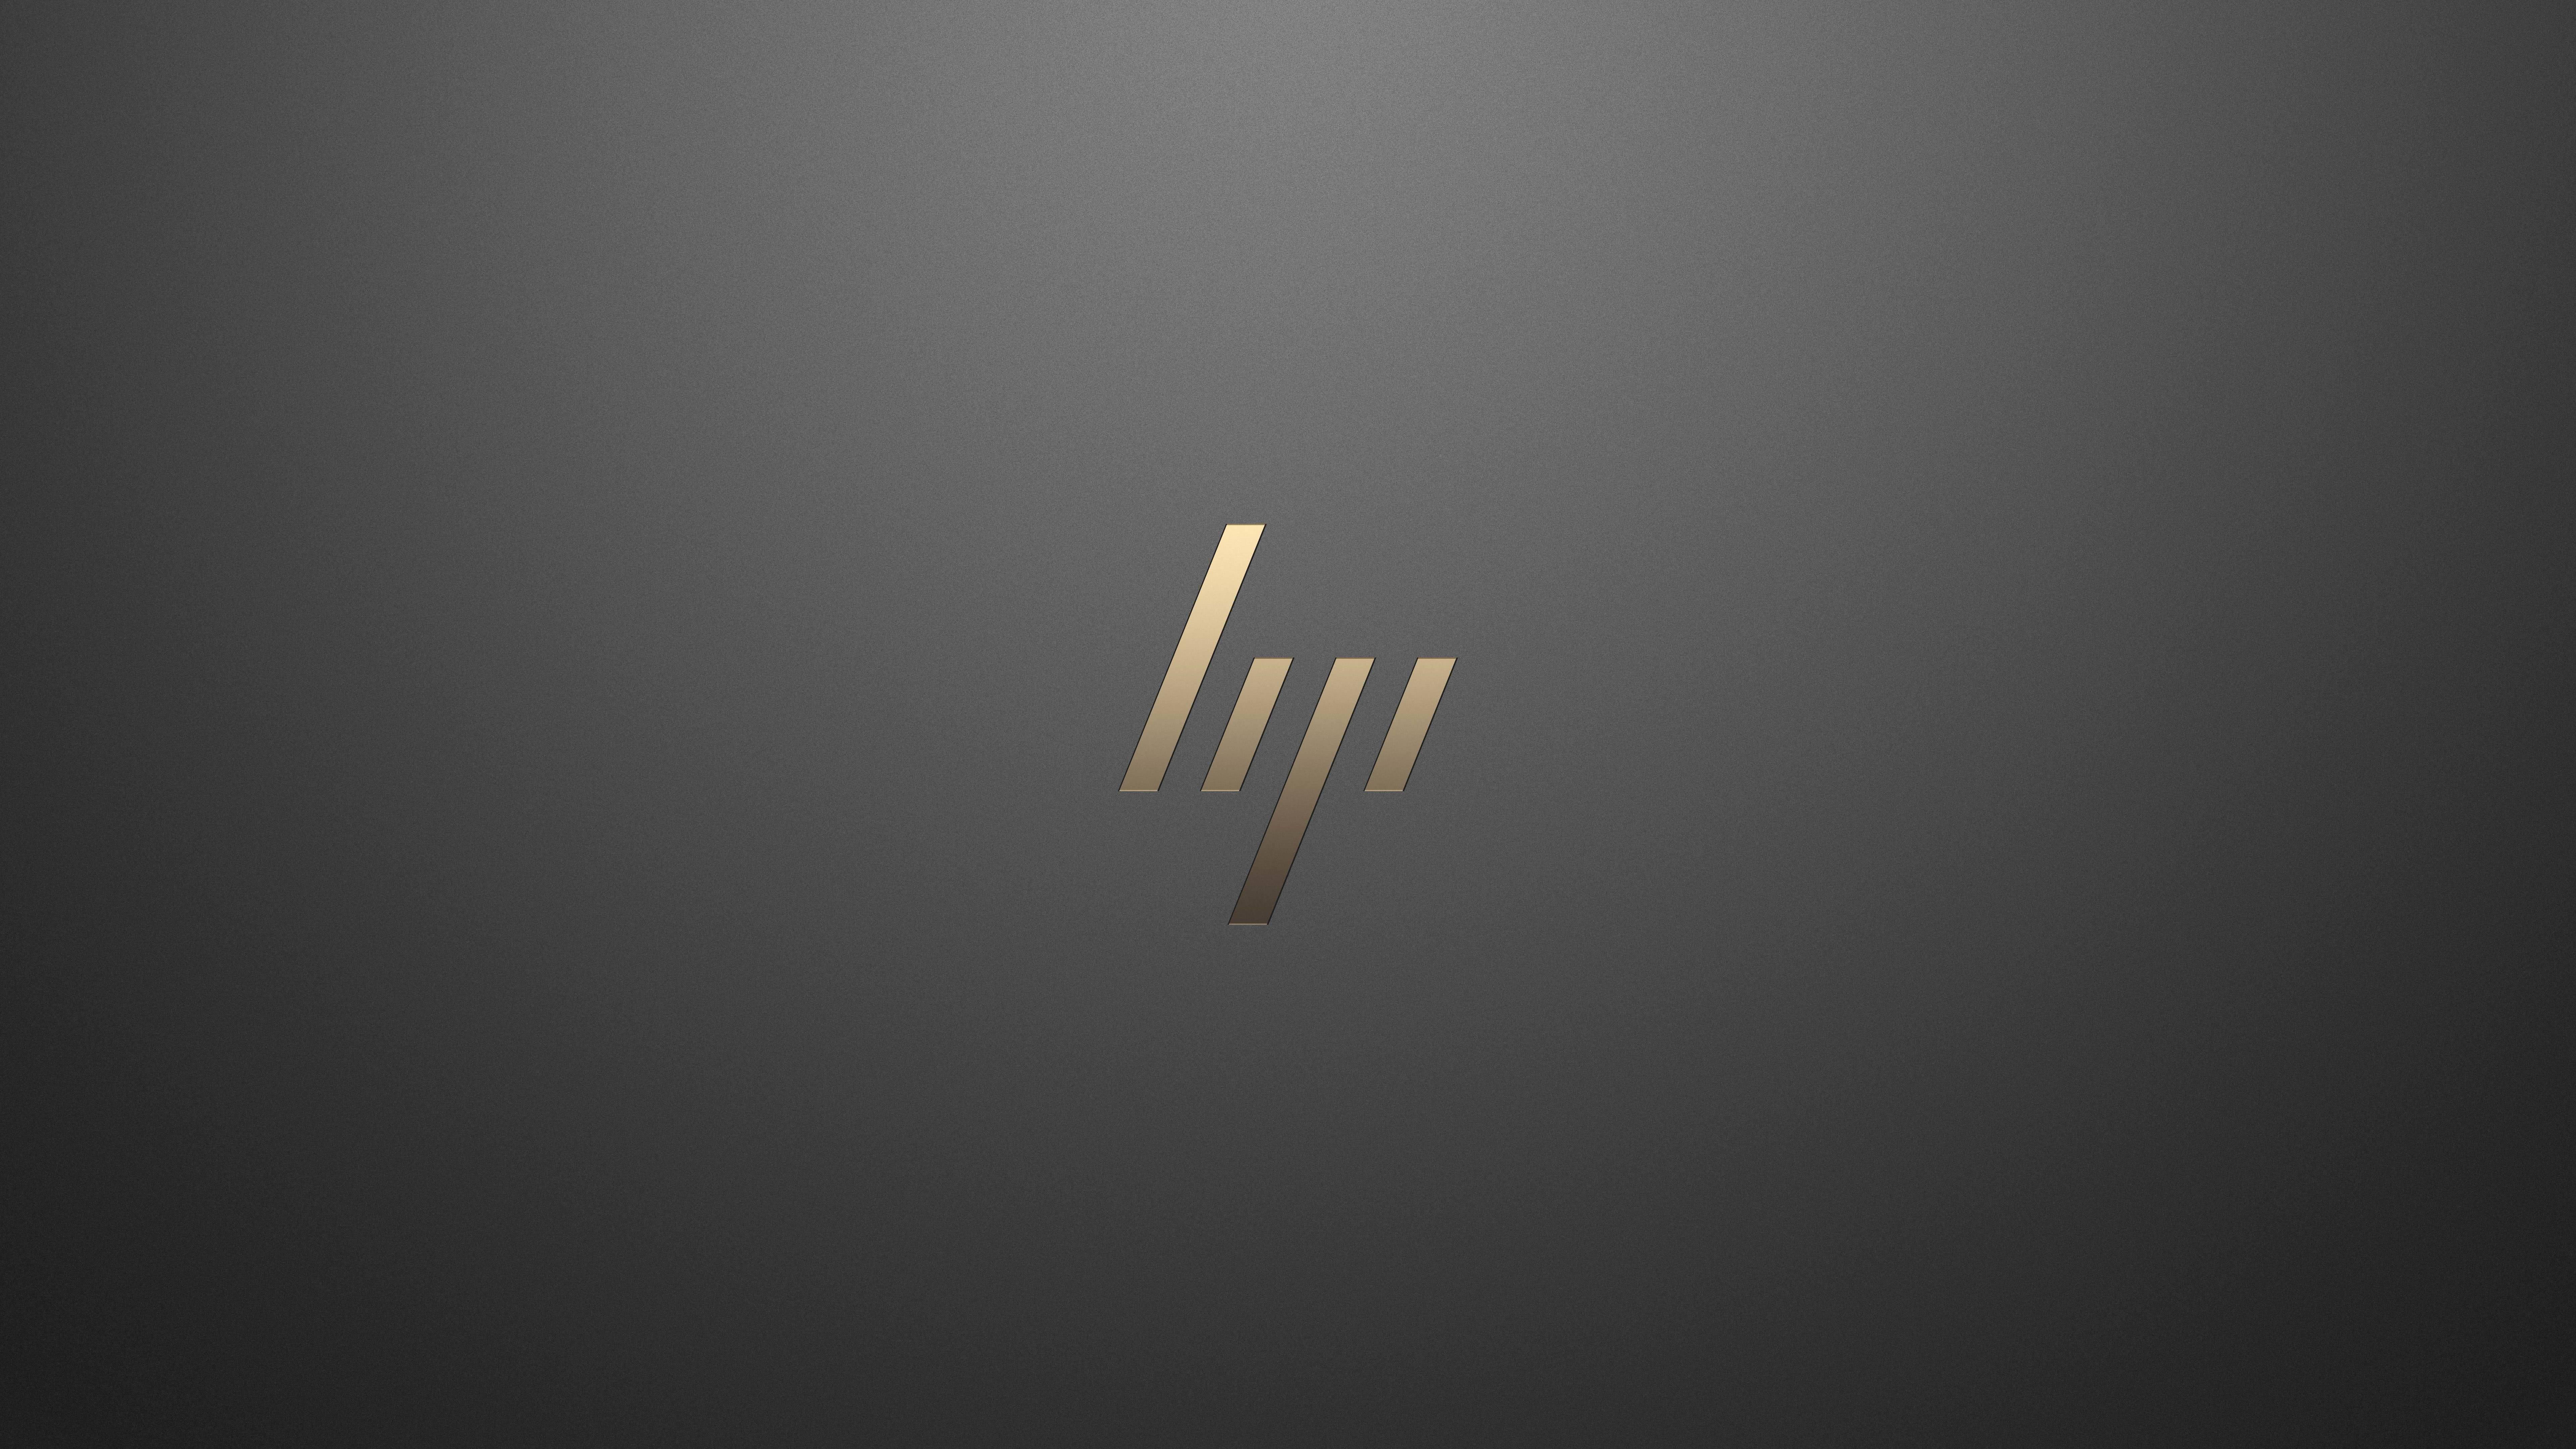 wallpaper hp laptop free download